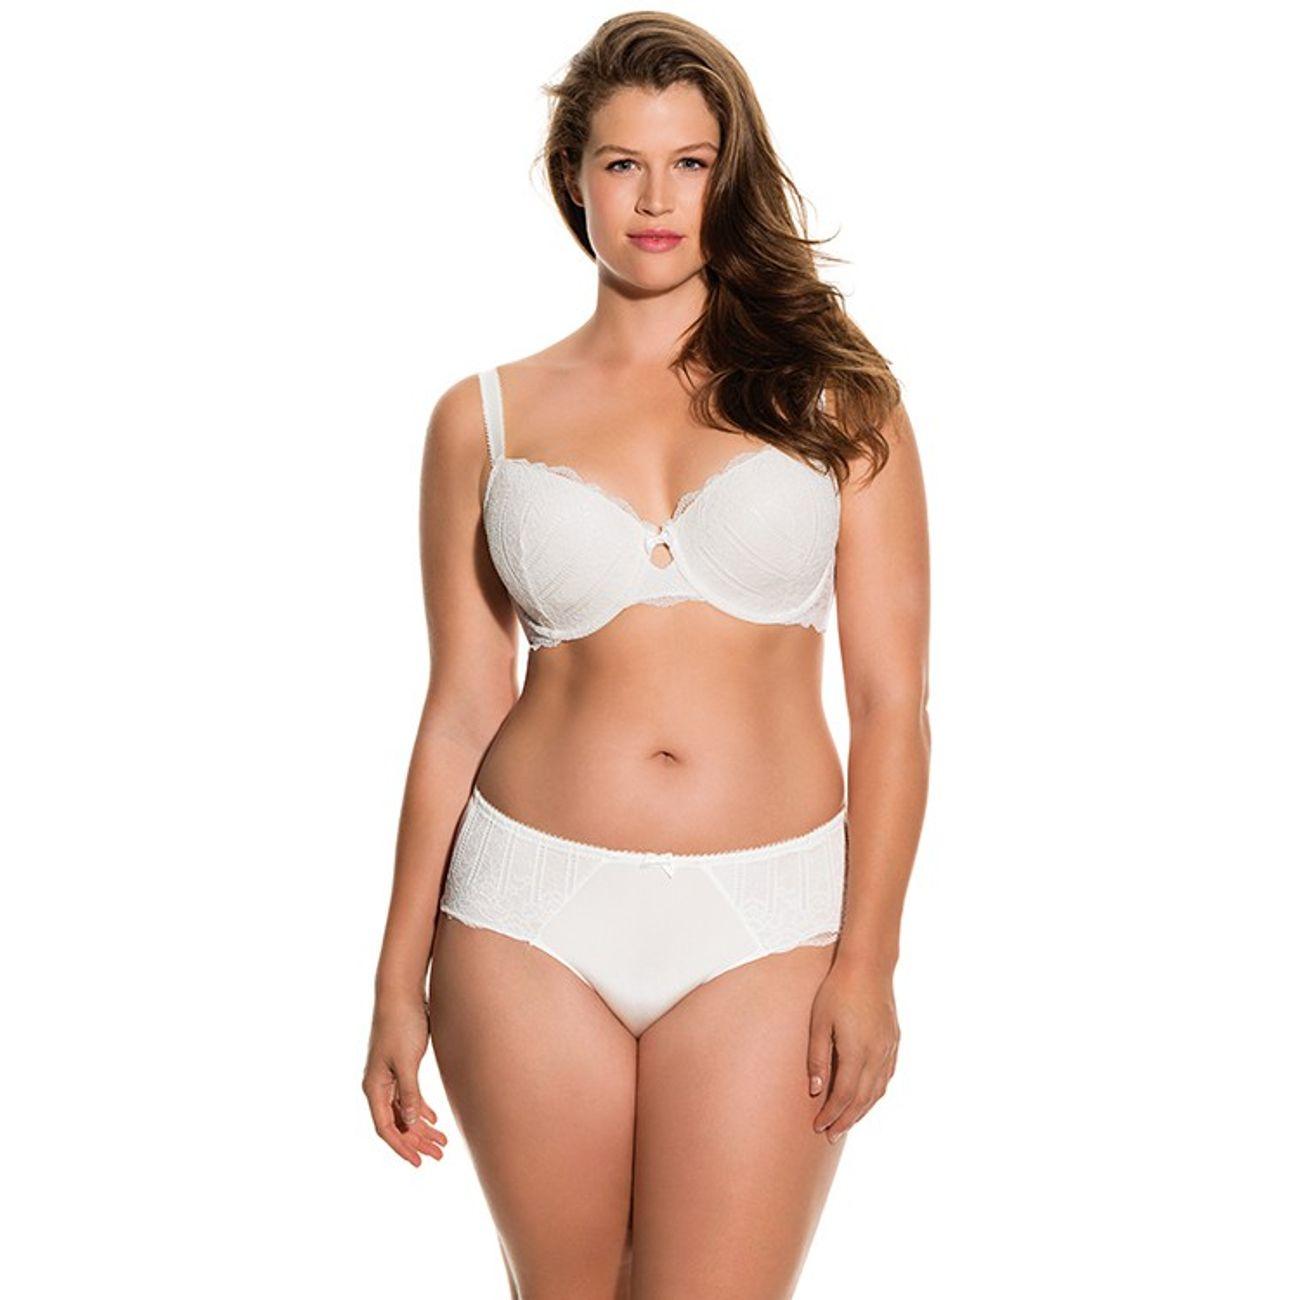 DORINA Soutien-gorge Balconnet T-Shirt Bra Celine Blanc Livraison Gratuite Confortable 6CCZn